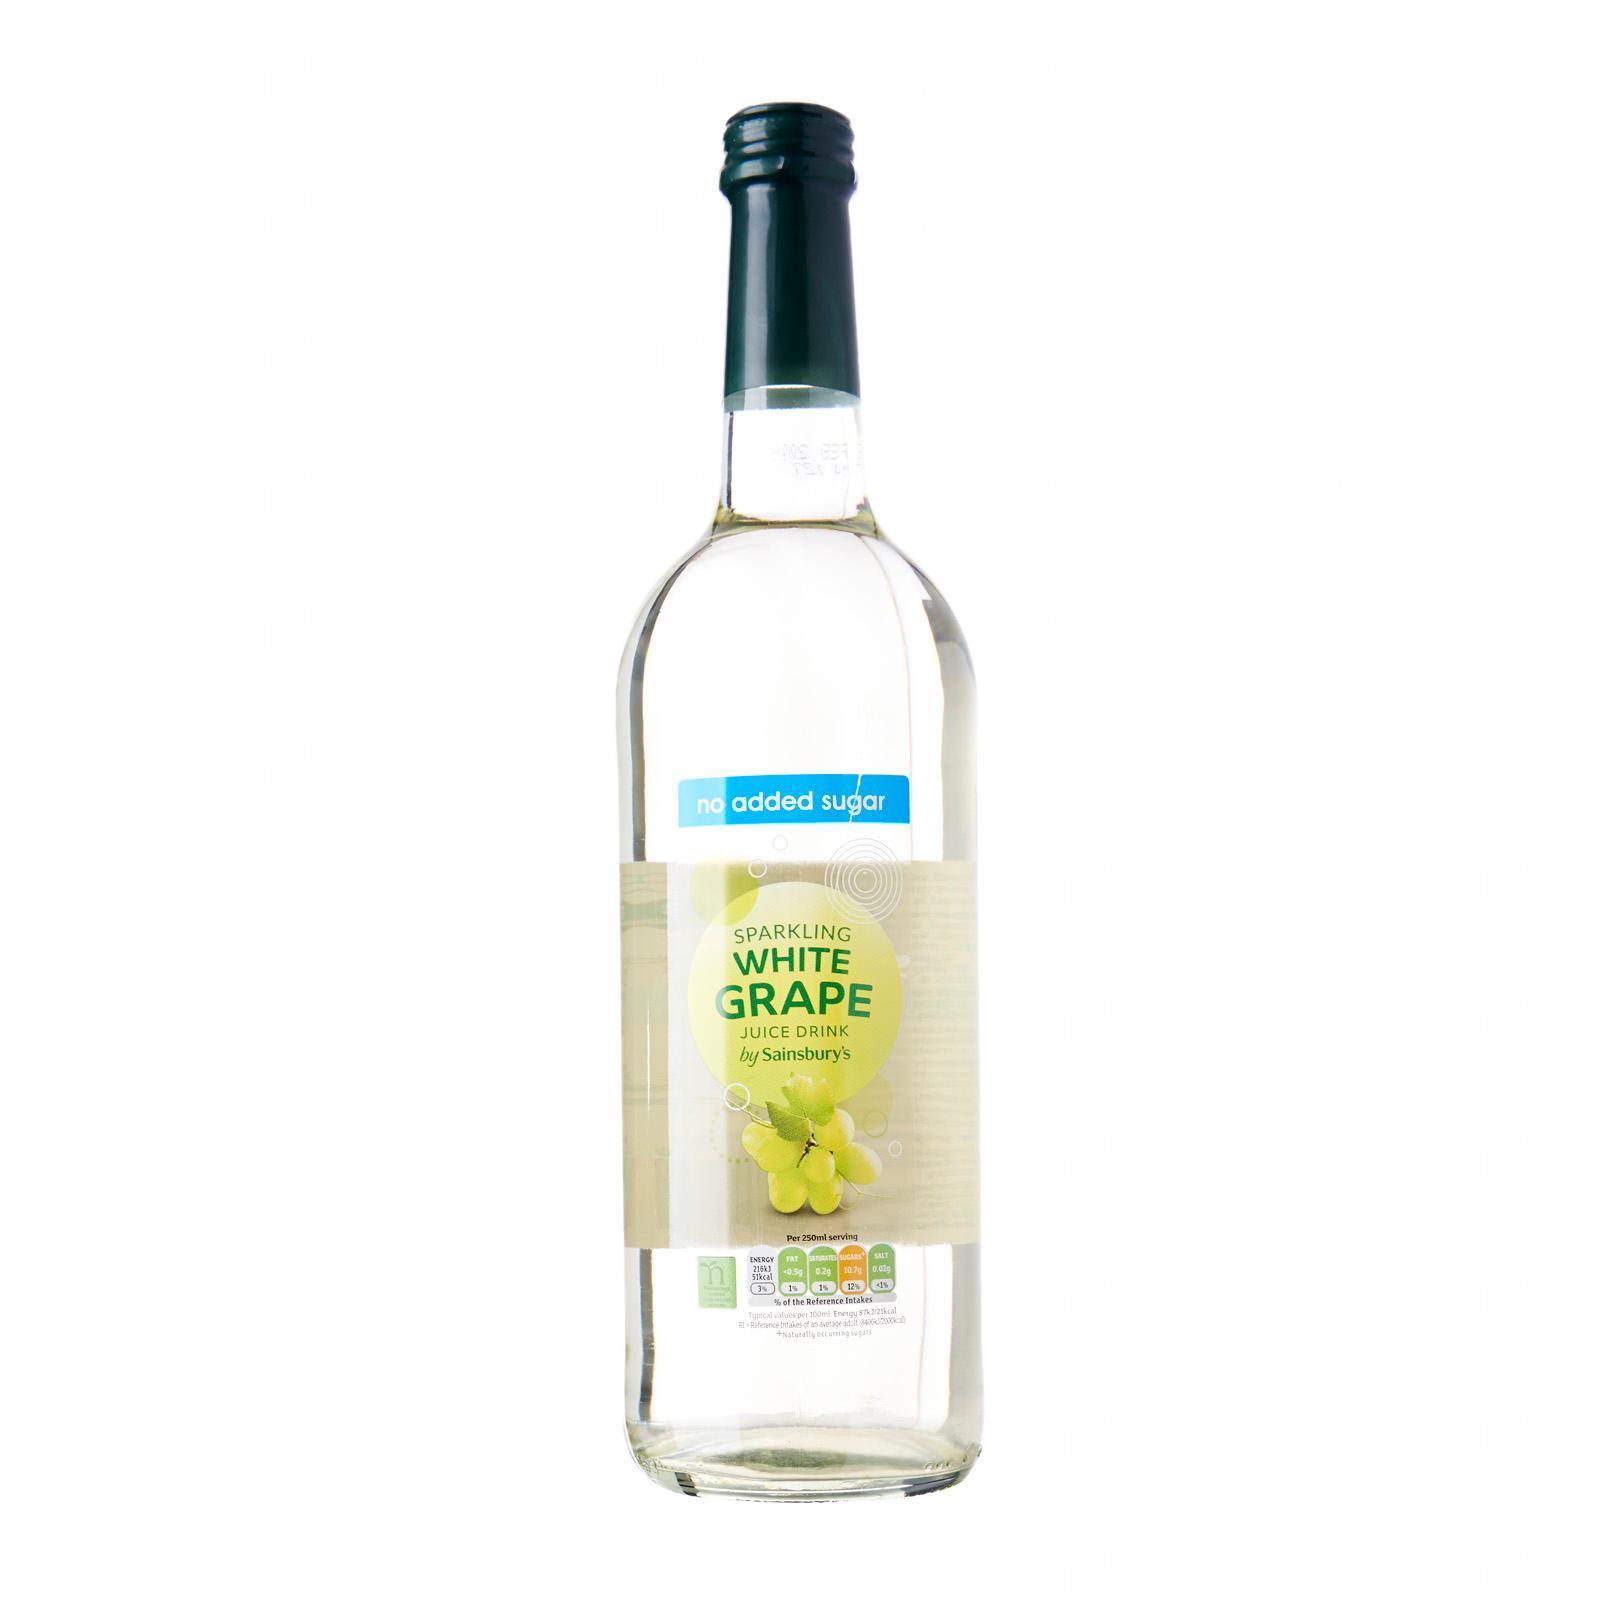 Sainsbury's Sparkling White Grape Juice Drink